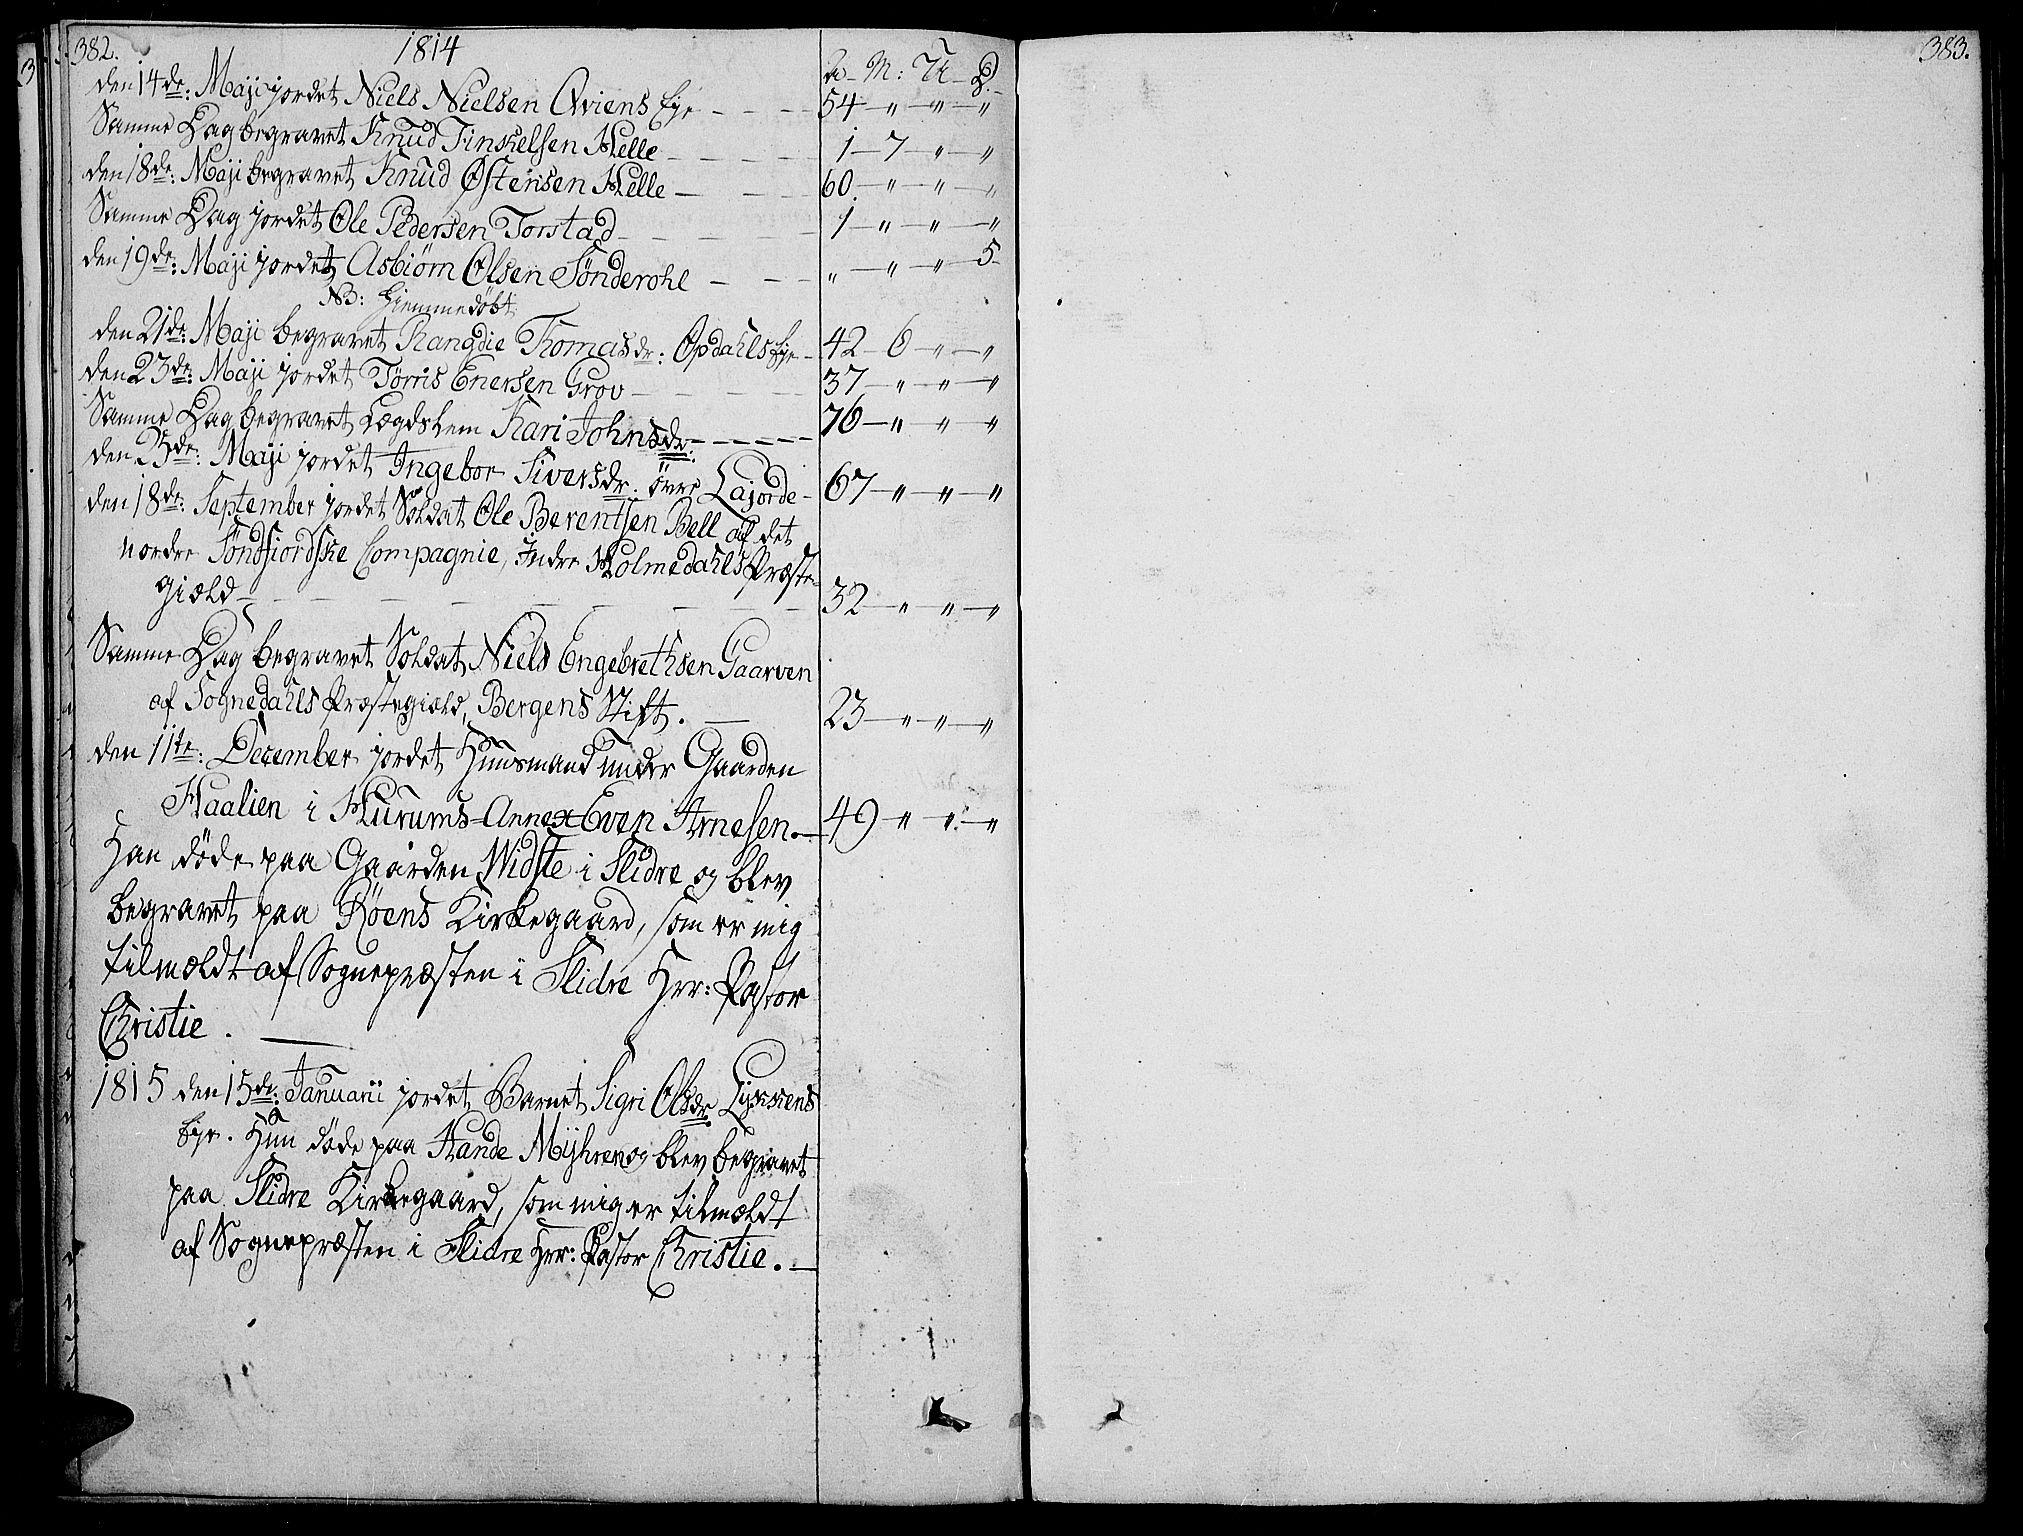 SAH, Vang prestekontor, Valdres, Ministerialbok nr. 3, 1809-1831, s. 382-383